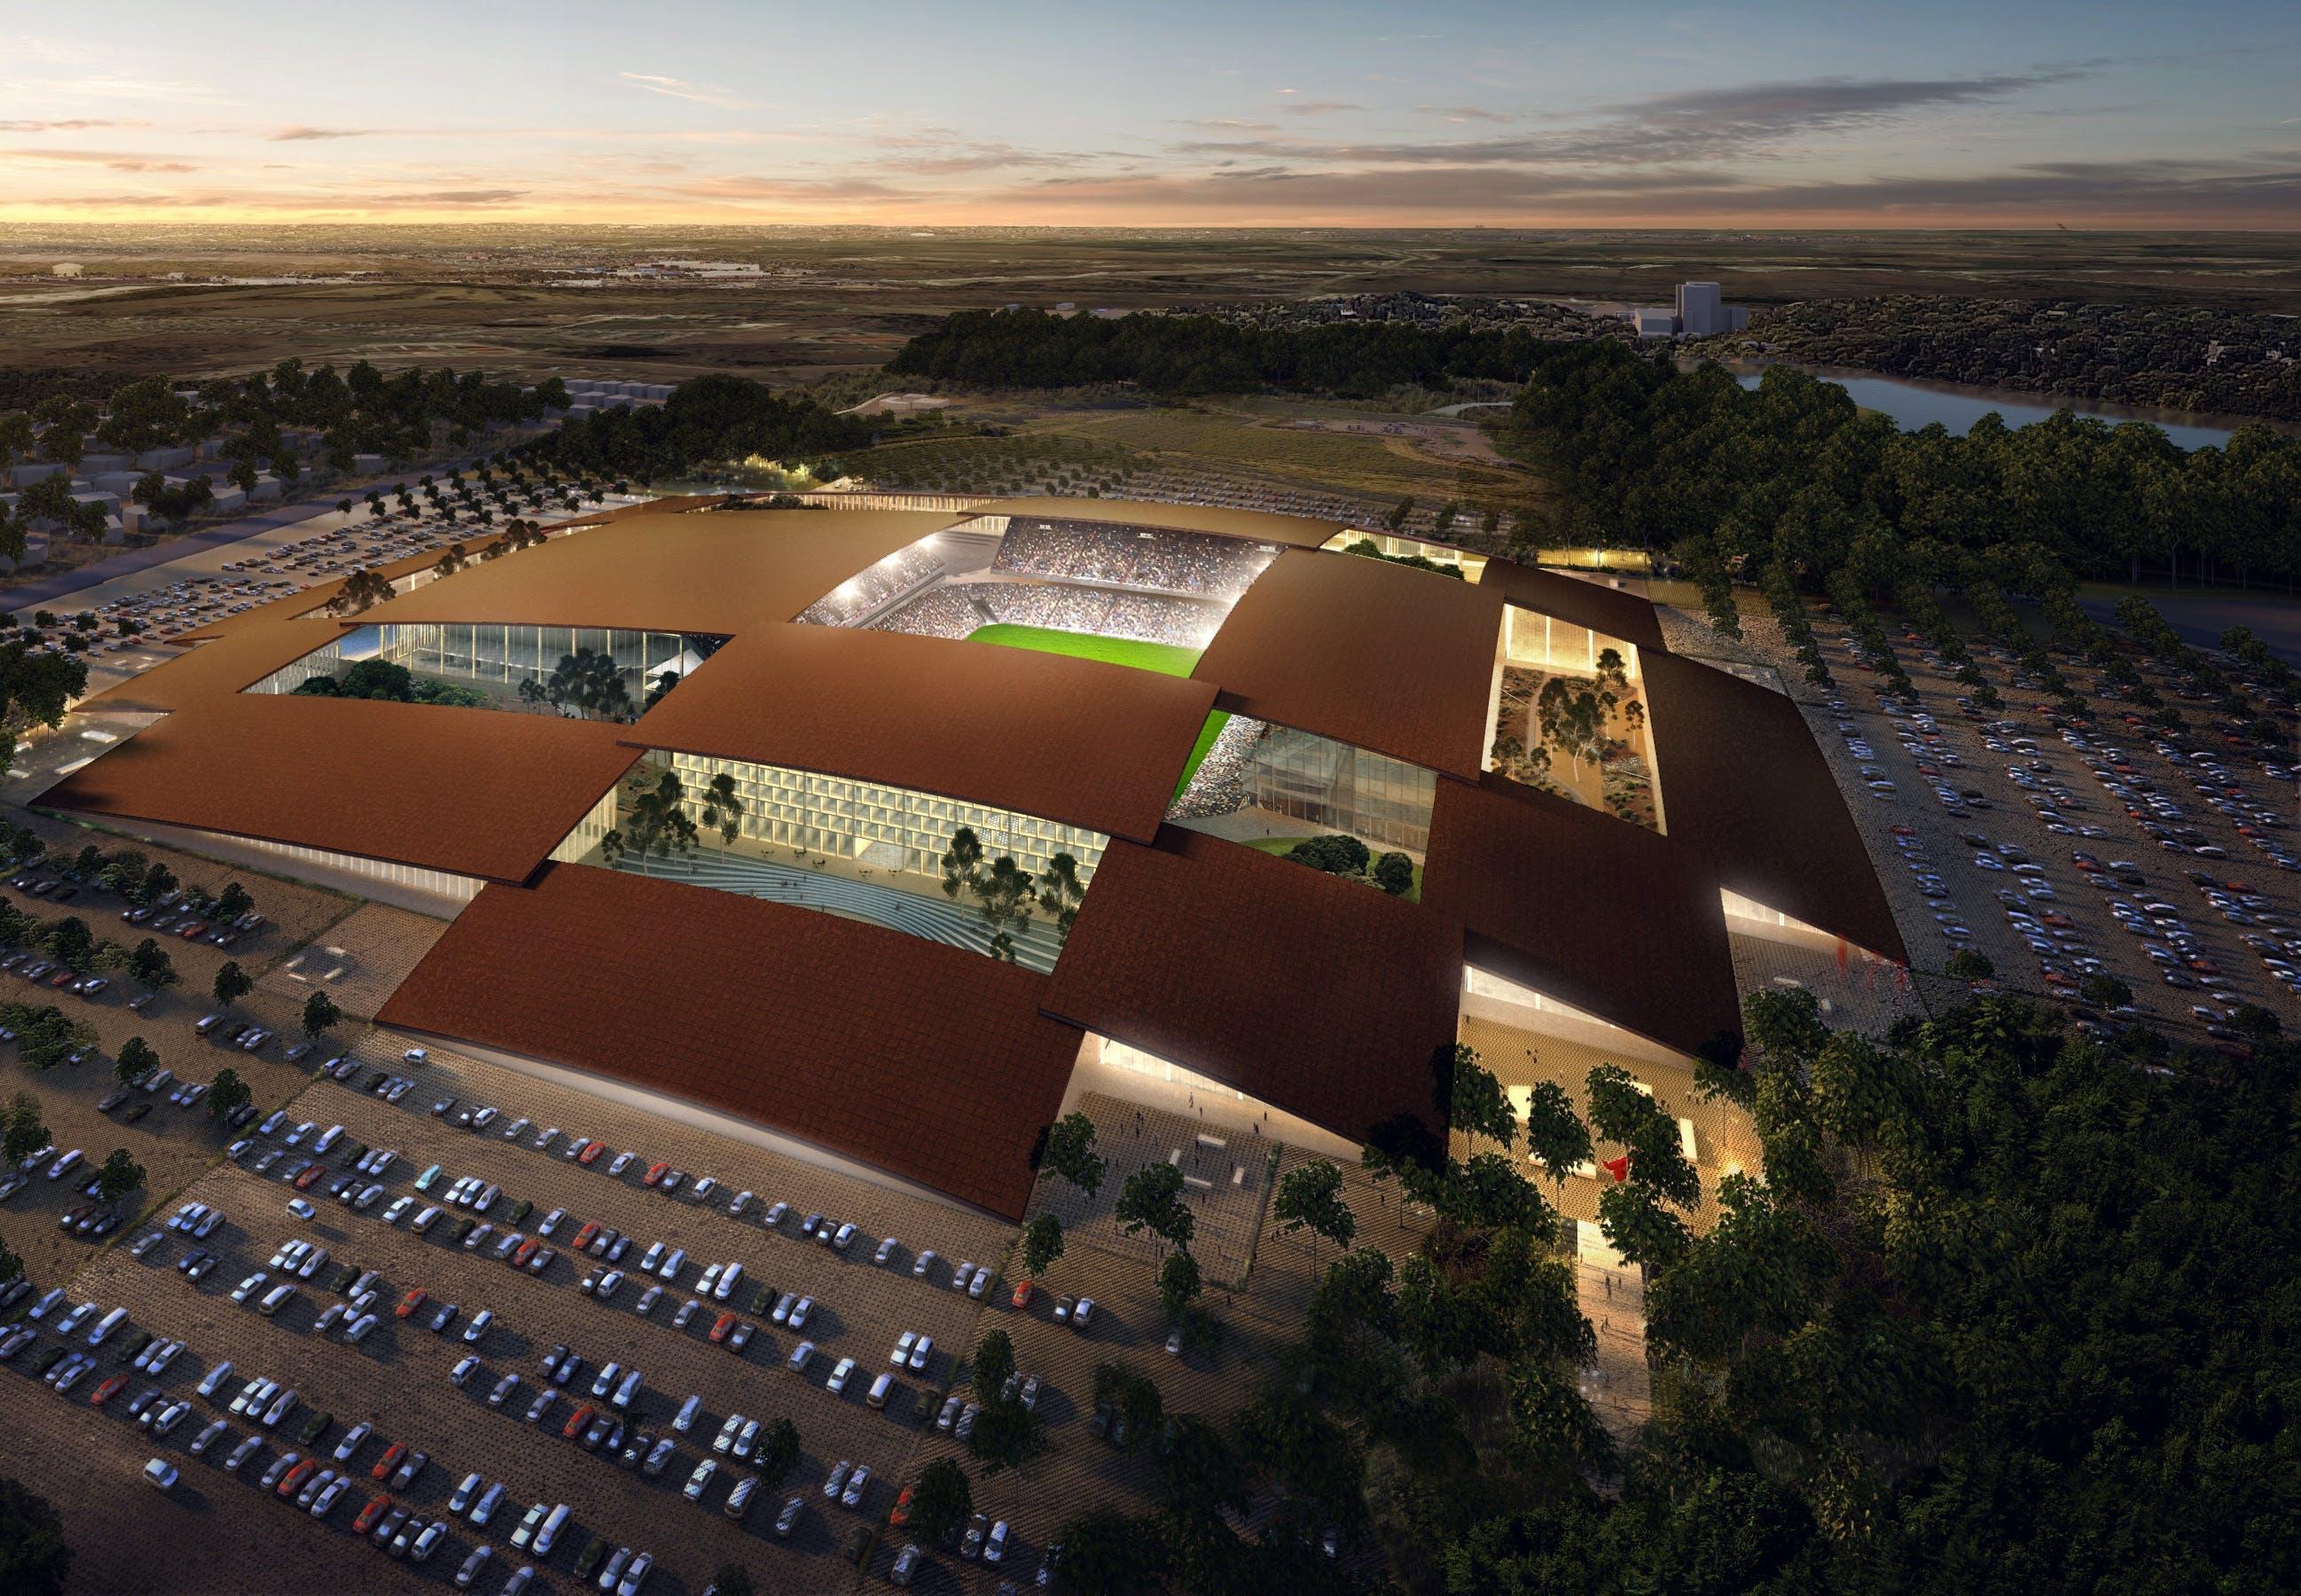 BIG arkitektur stadion